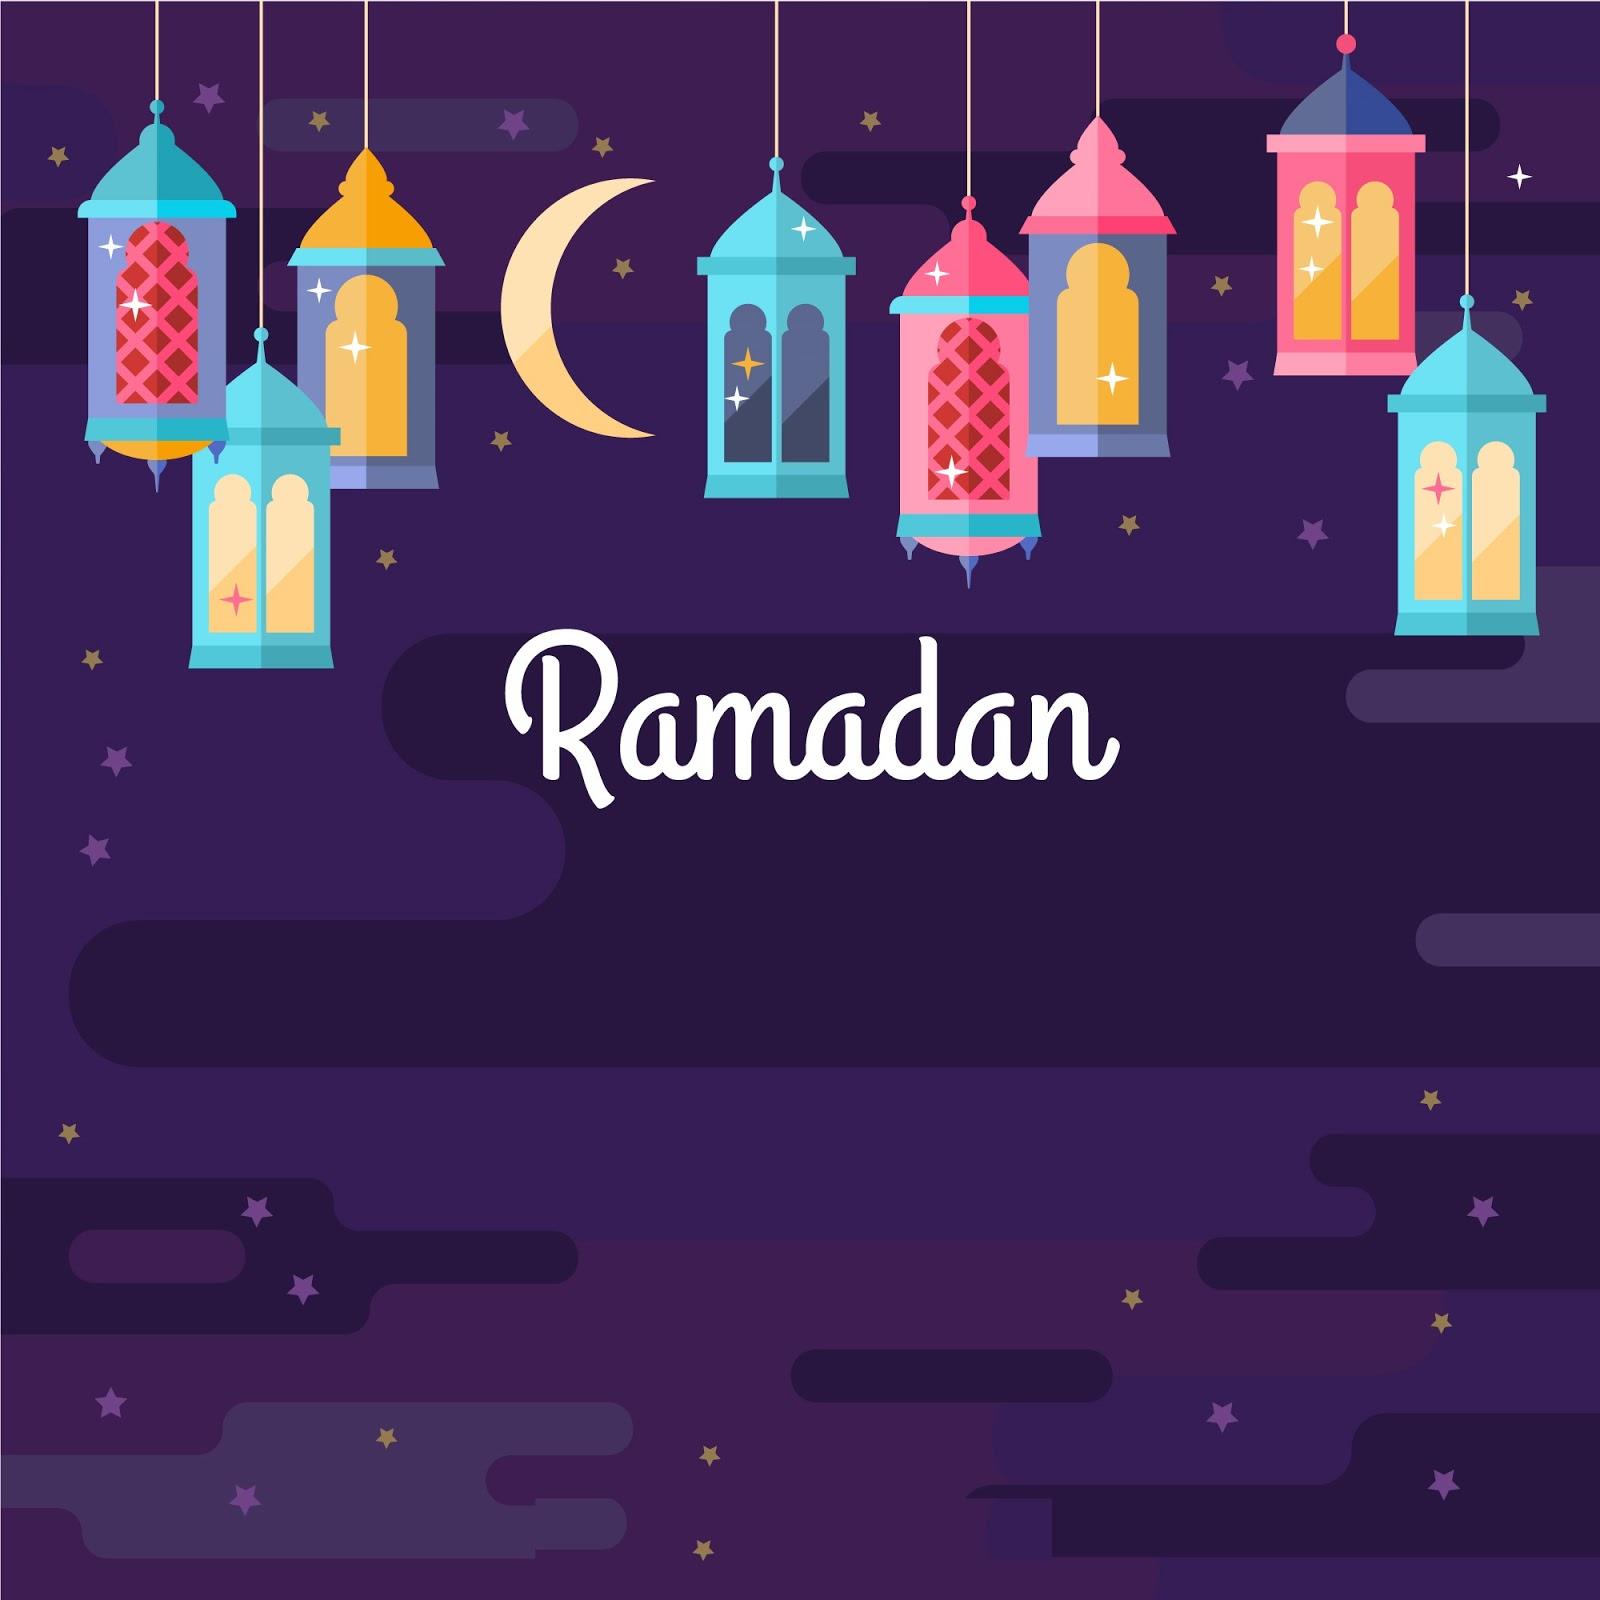 Ramadan-Mubarak-Images-3